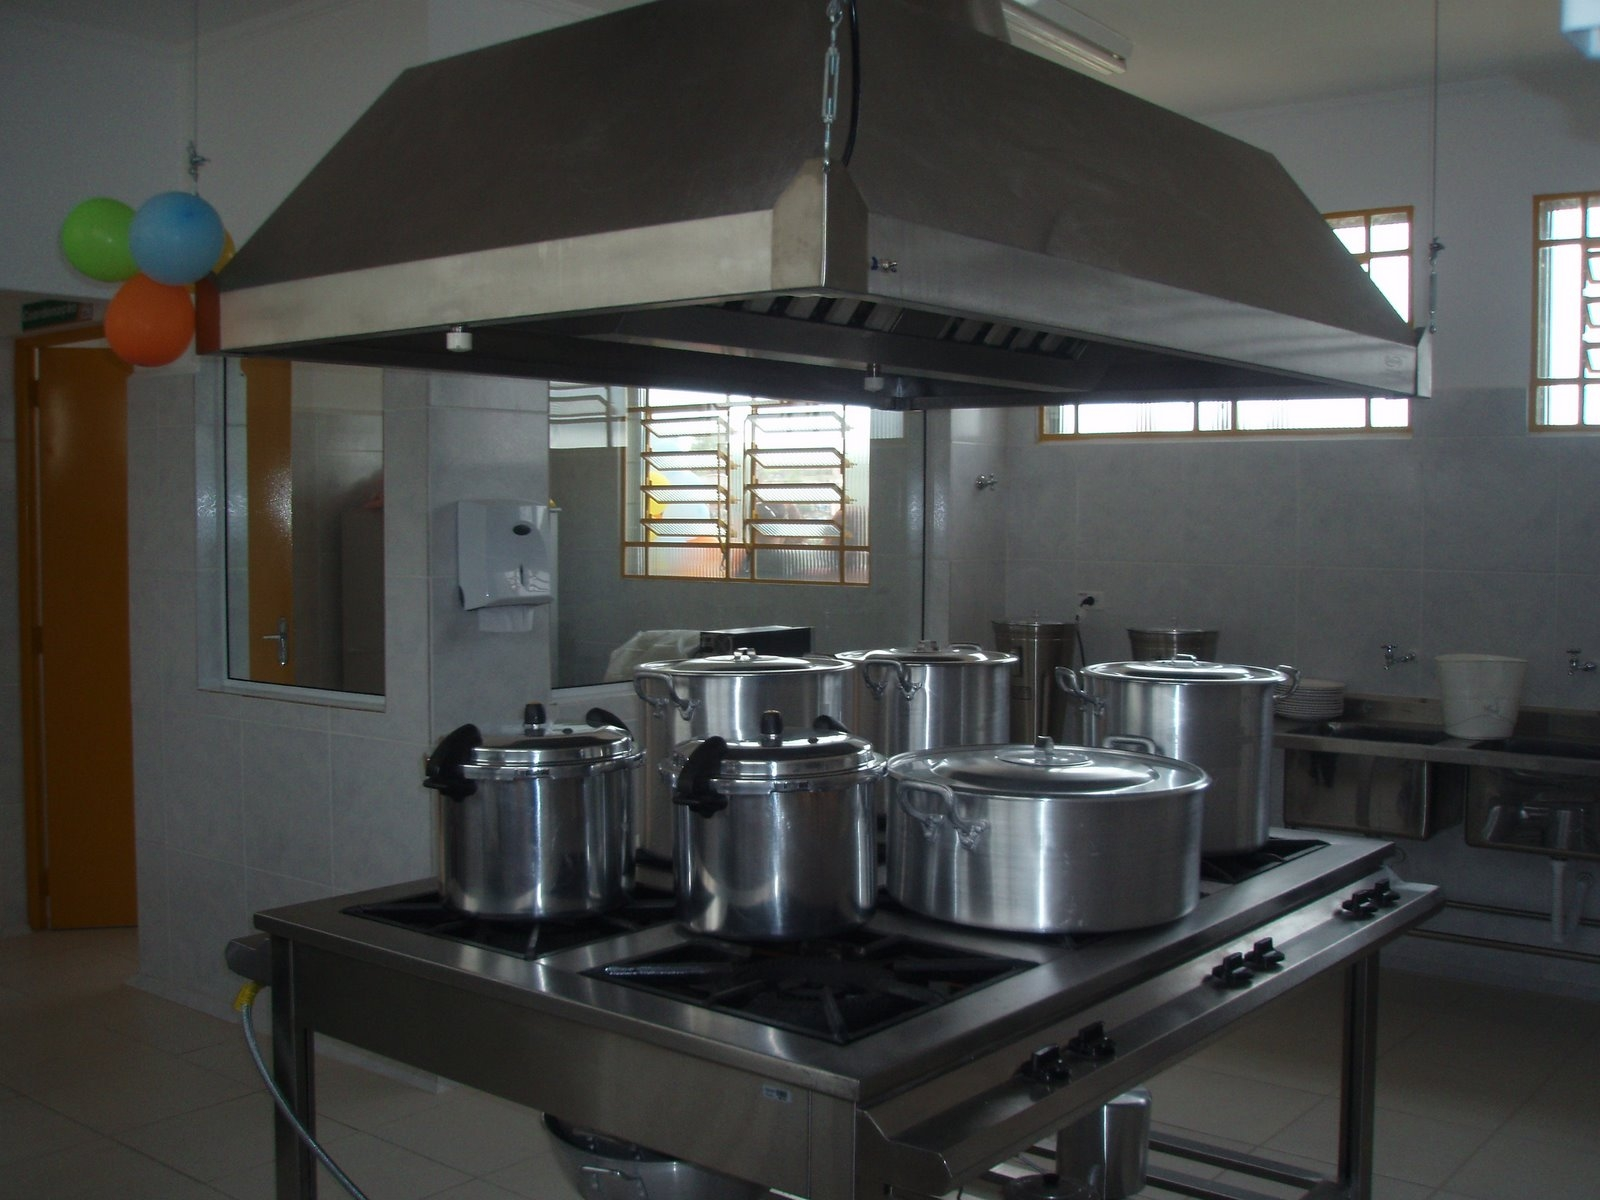 para usuários cadastrados na Cozinha Comunitária. O projeto  #623C27 1600 1200